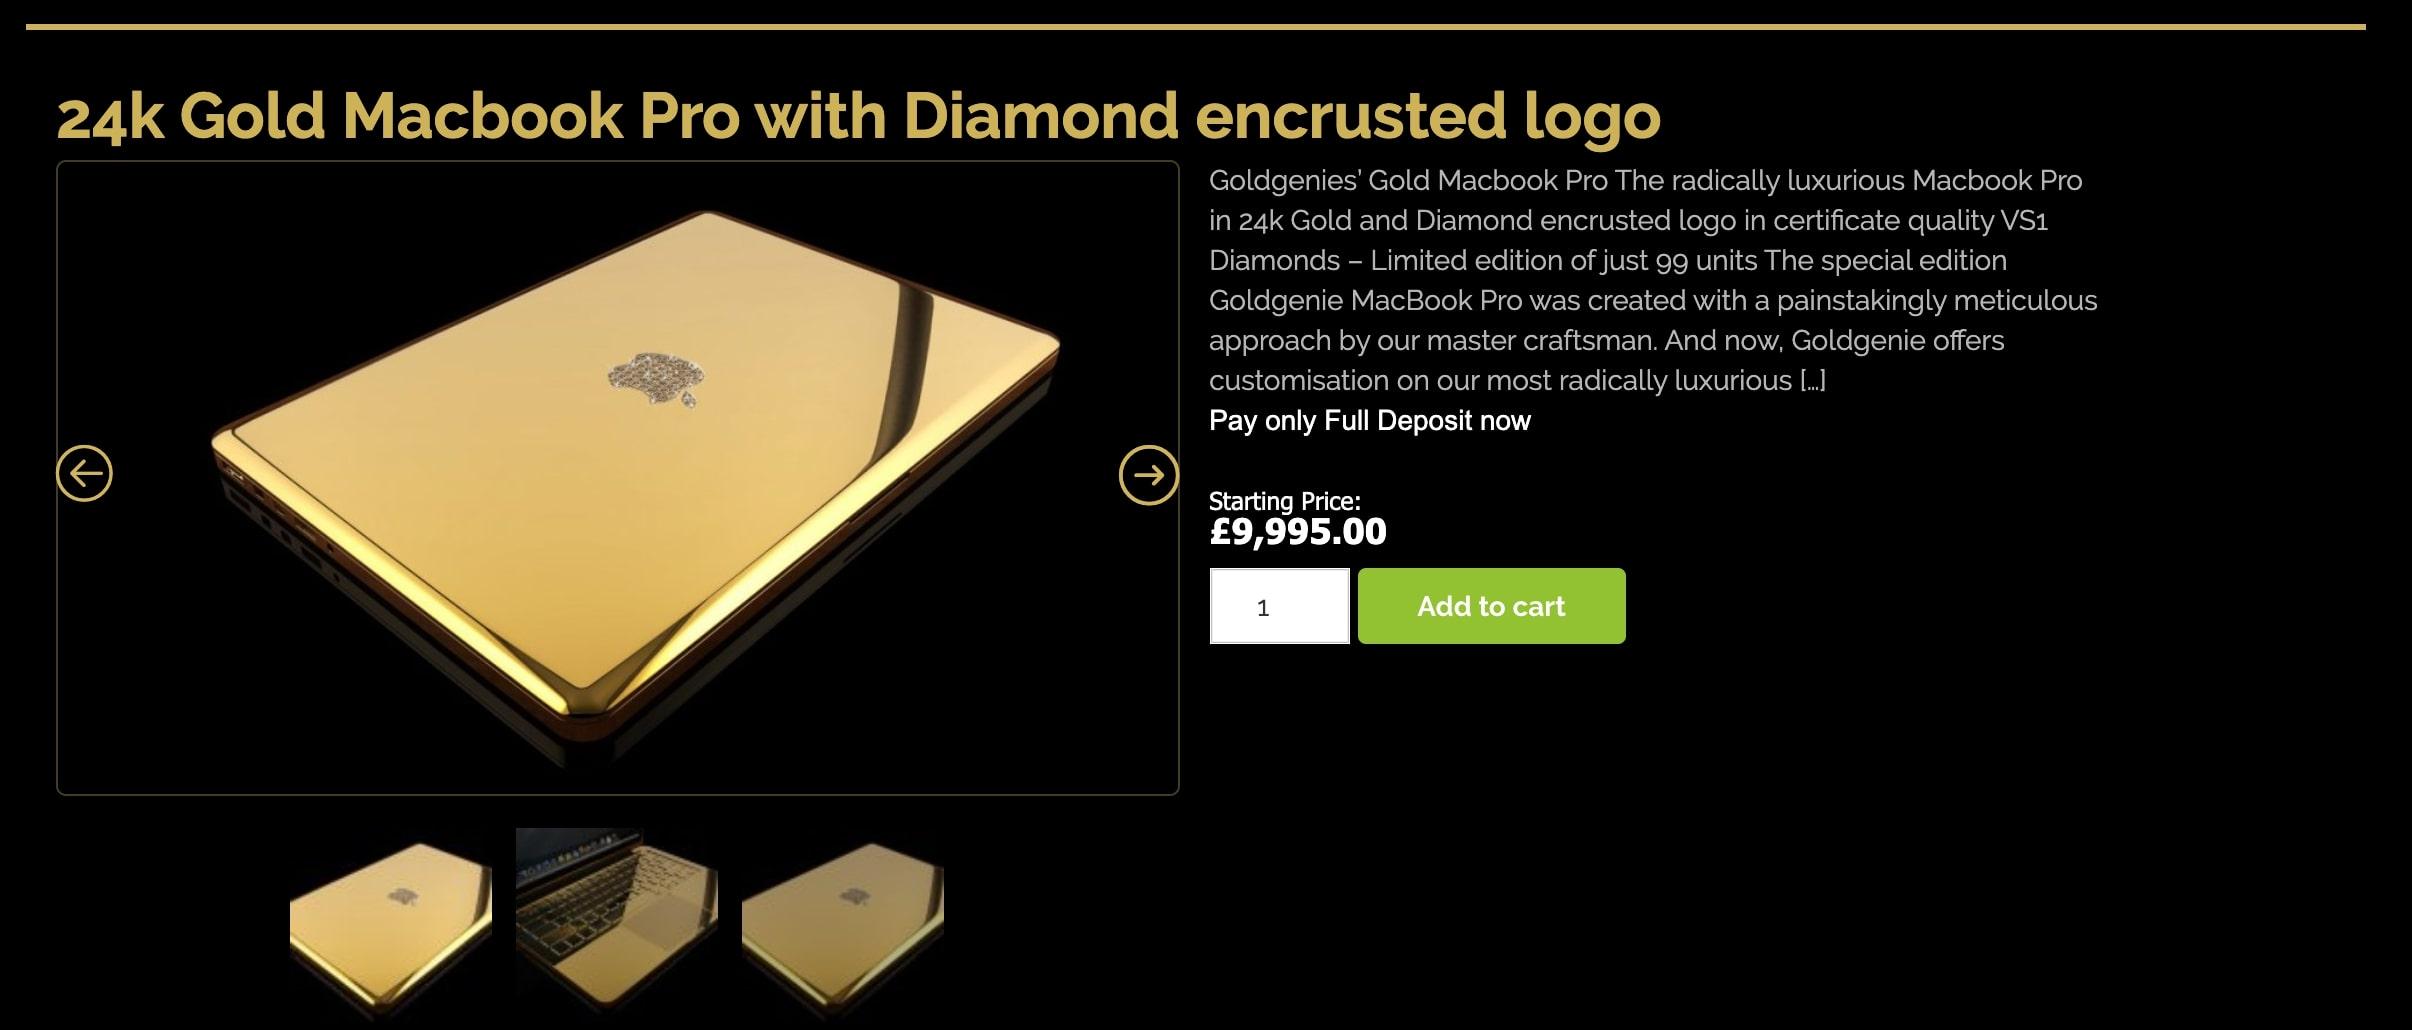 24金制のダイアモンド付きMacbook Proケース